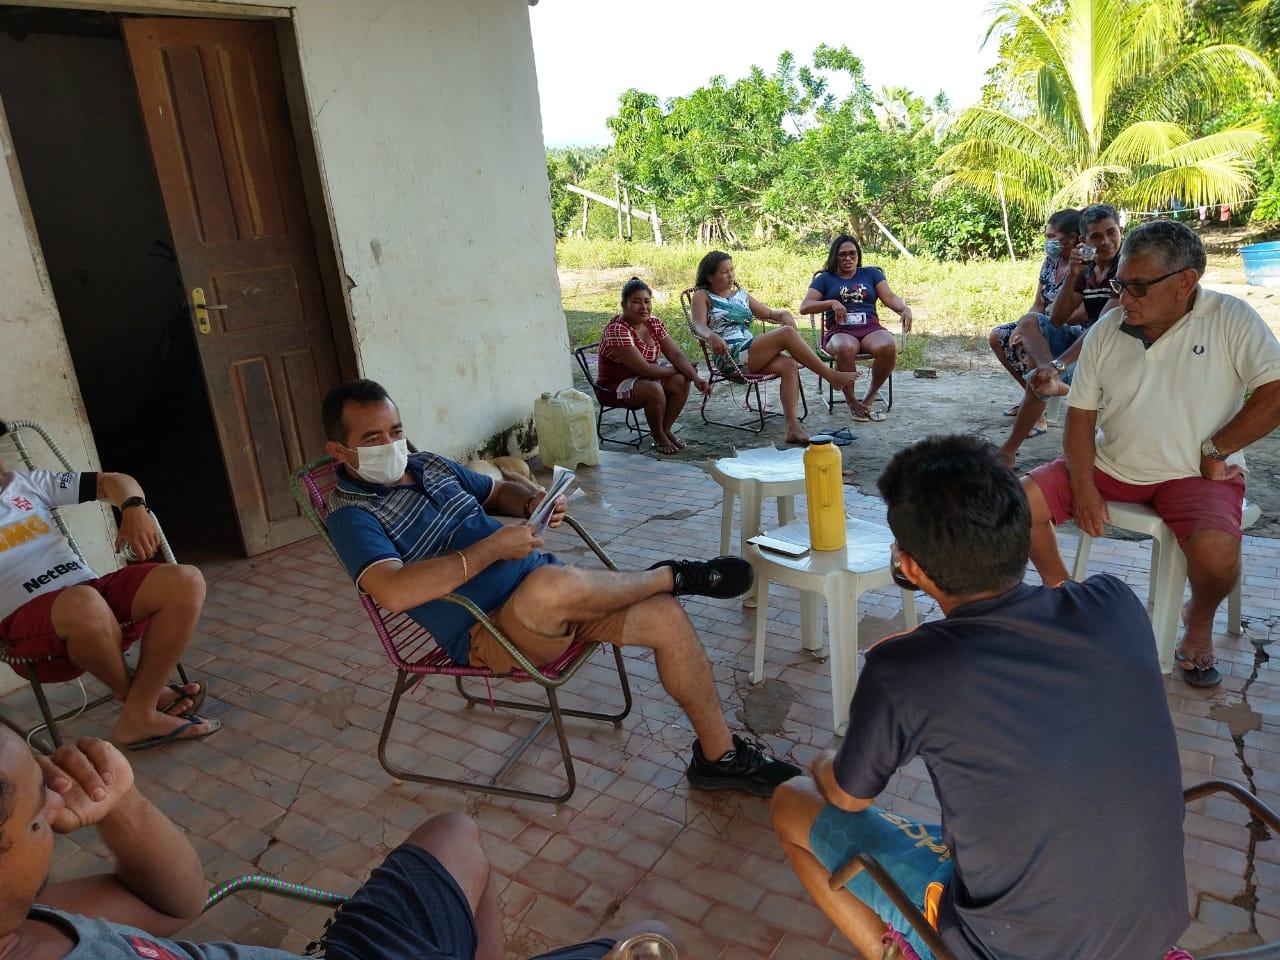 POLÍTICA | Secretário de Articulação Política, Aluizio Santos visita comunidade da zona rural de Chapadinha e ouve reivindicações